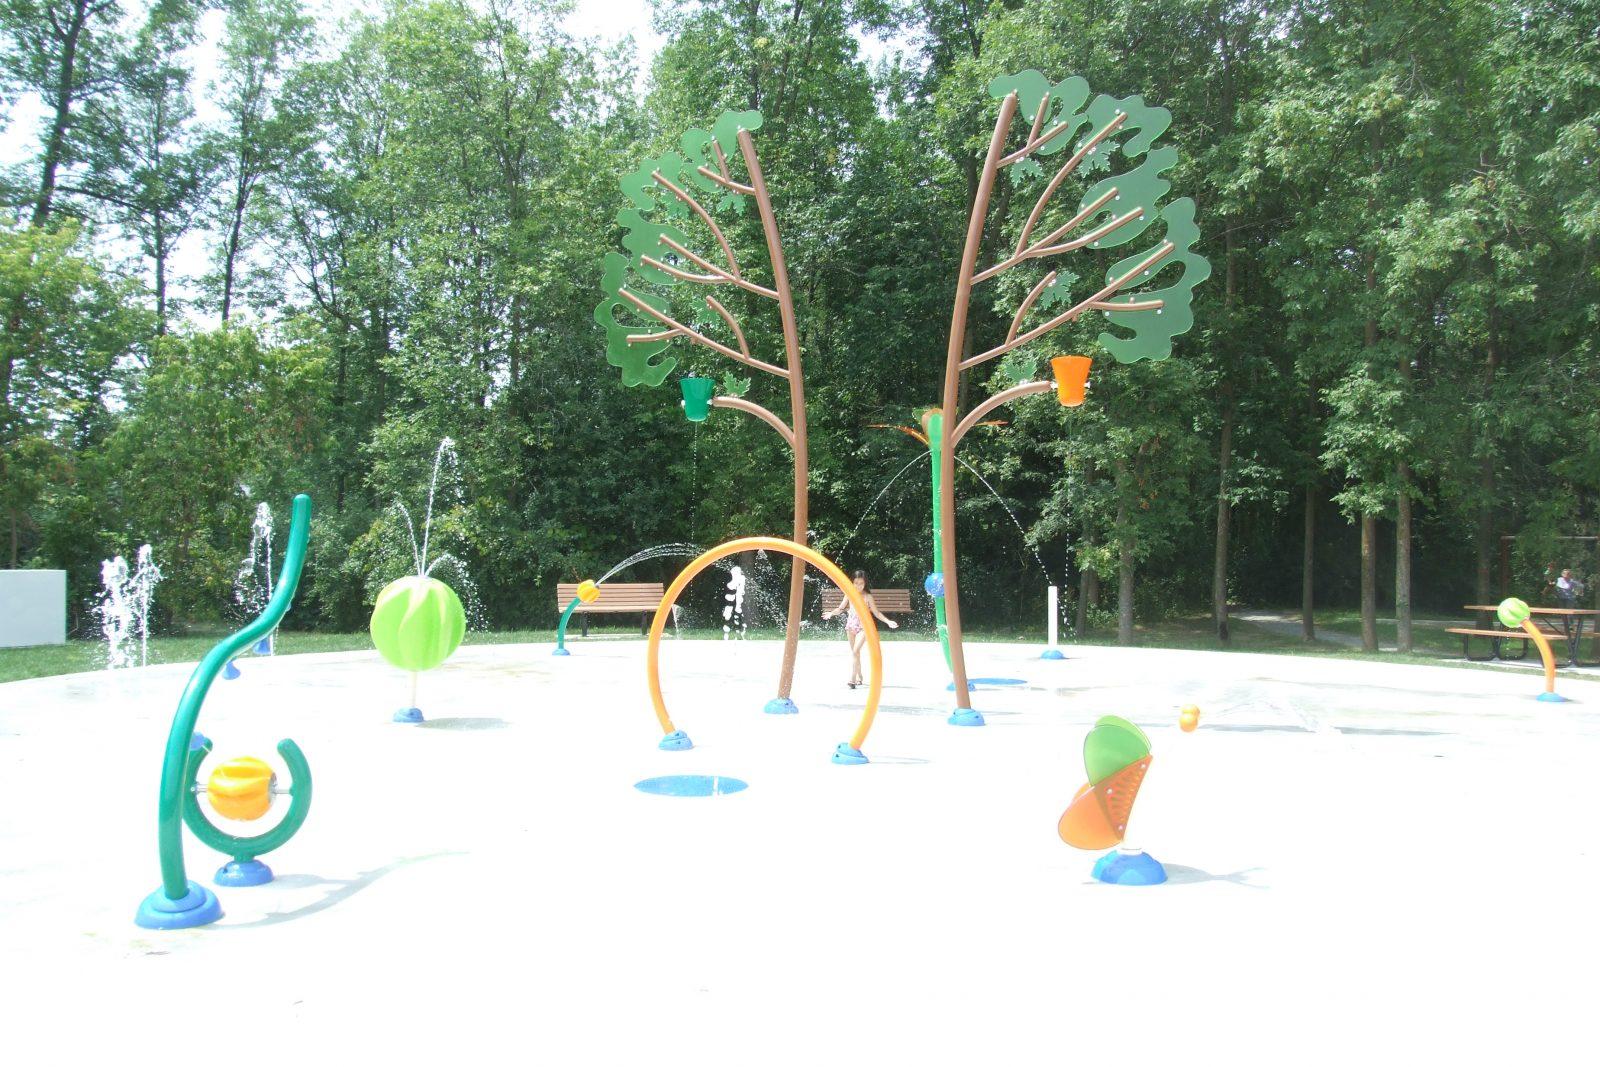 Nouveau jeu d'eau rafraîchissant au parc de Brouage!